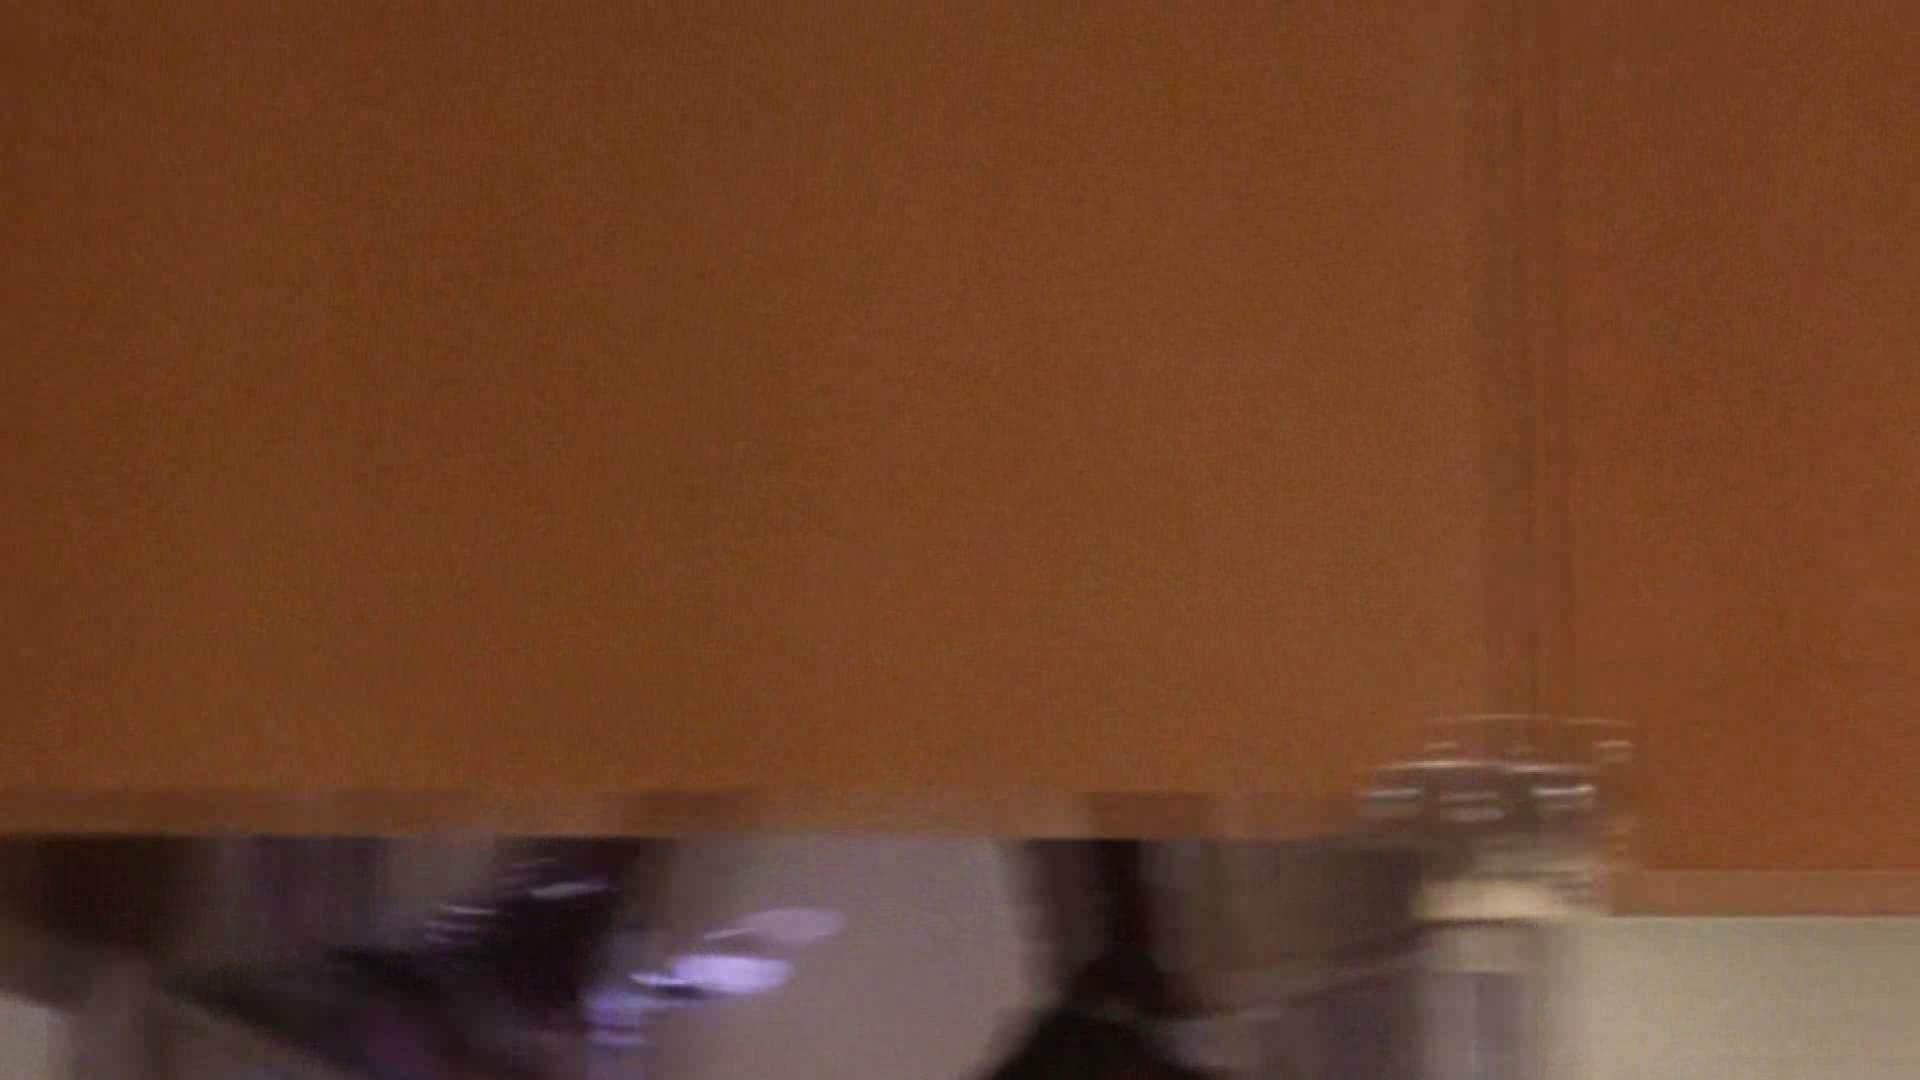 「噂」の国の厠観察日記2 Vol.01 綺麗なOLたち すけべAV動画紹介 60枚 41